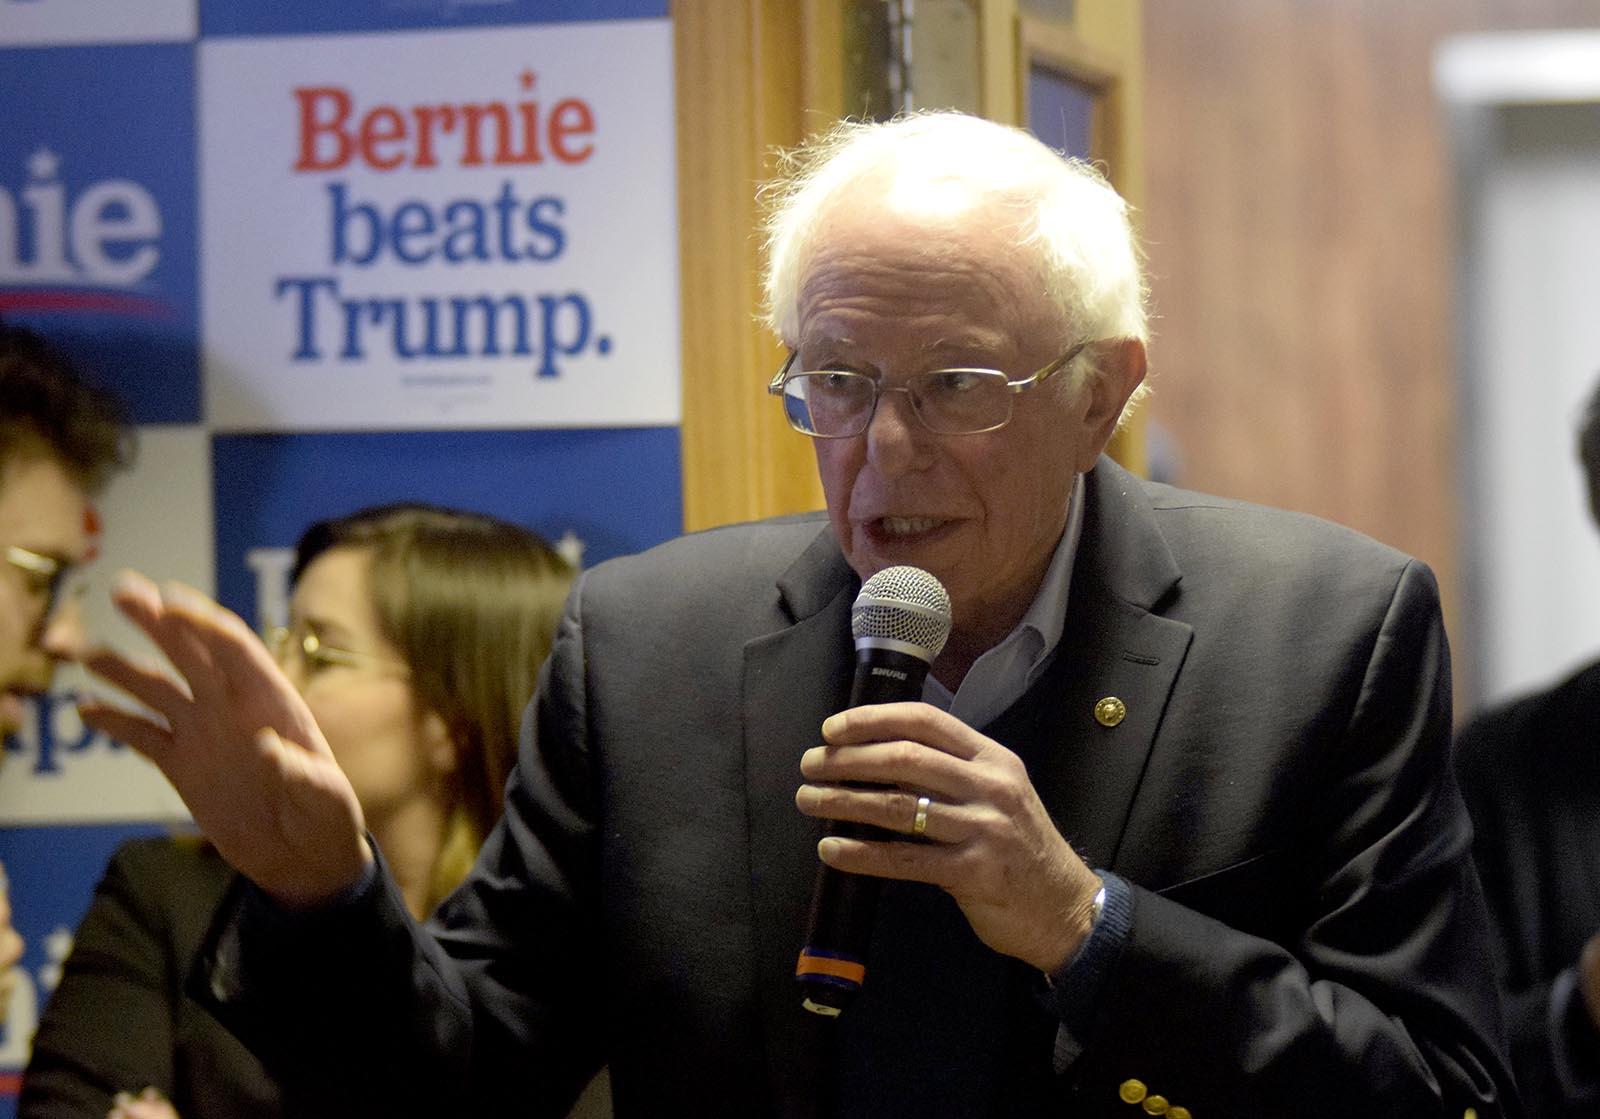 Sanders talks climate change | News, Sports, Jobs - Fort Dodge Messenger